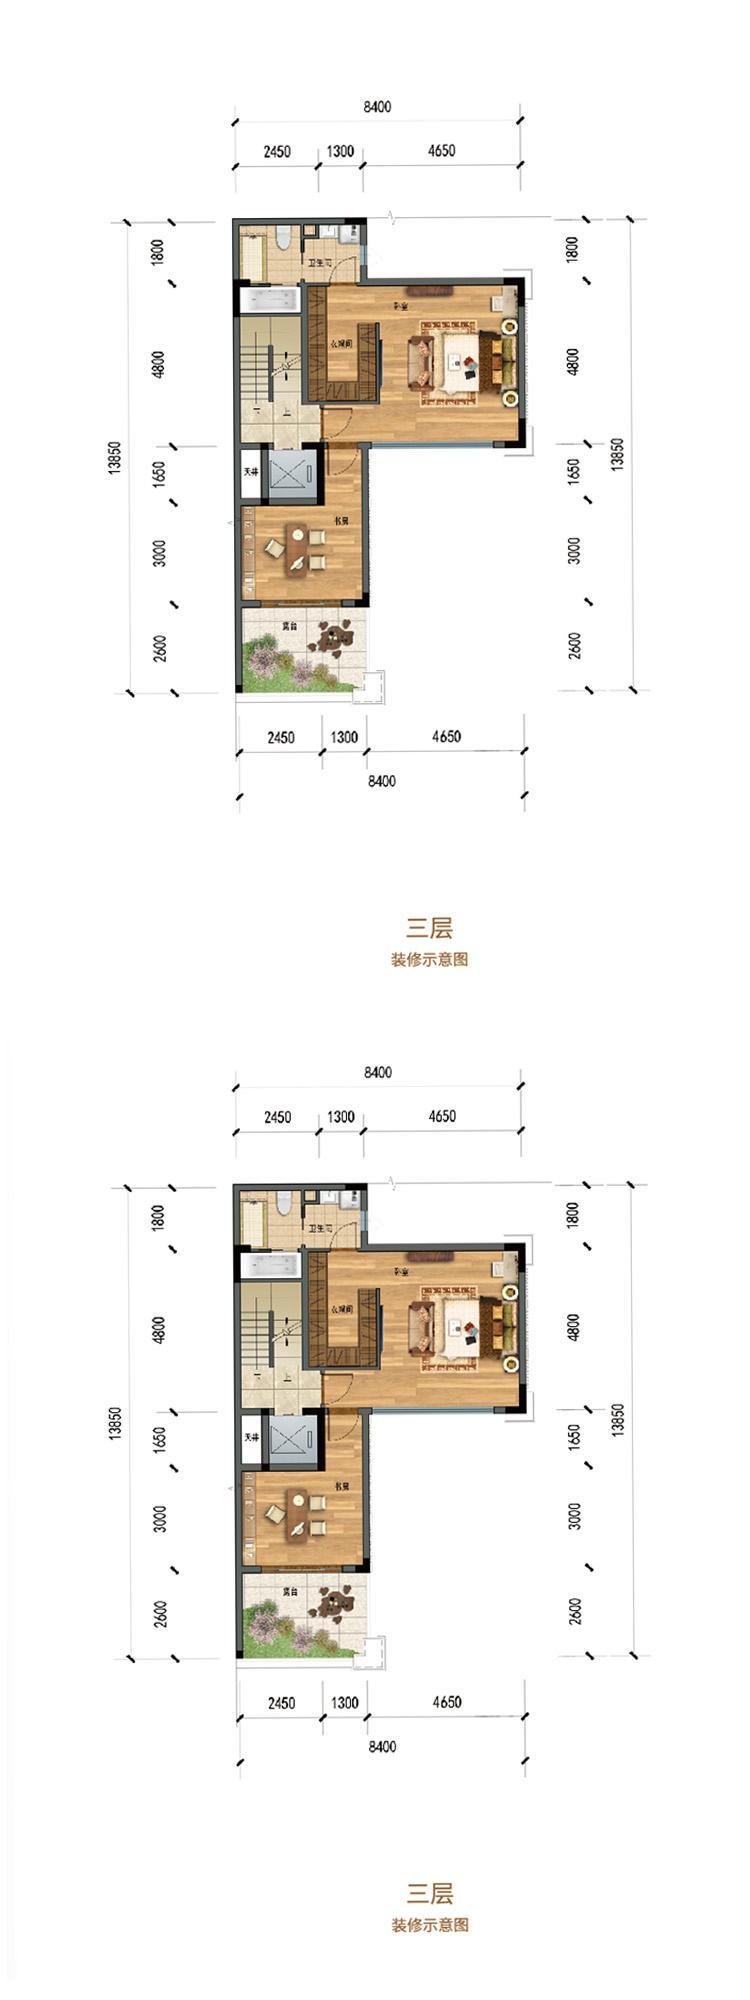 C户型图3.jpg